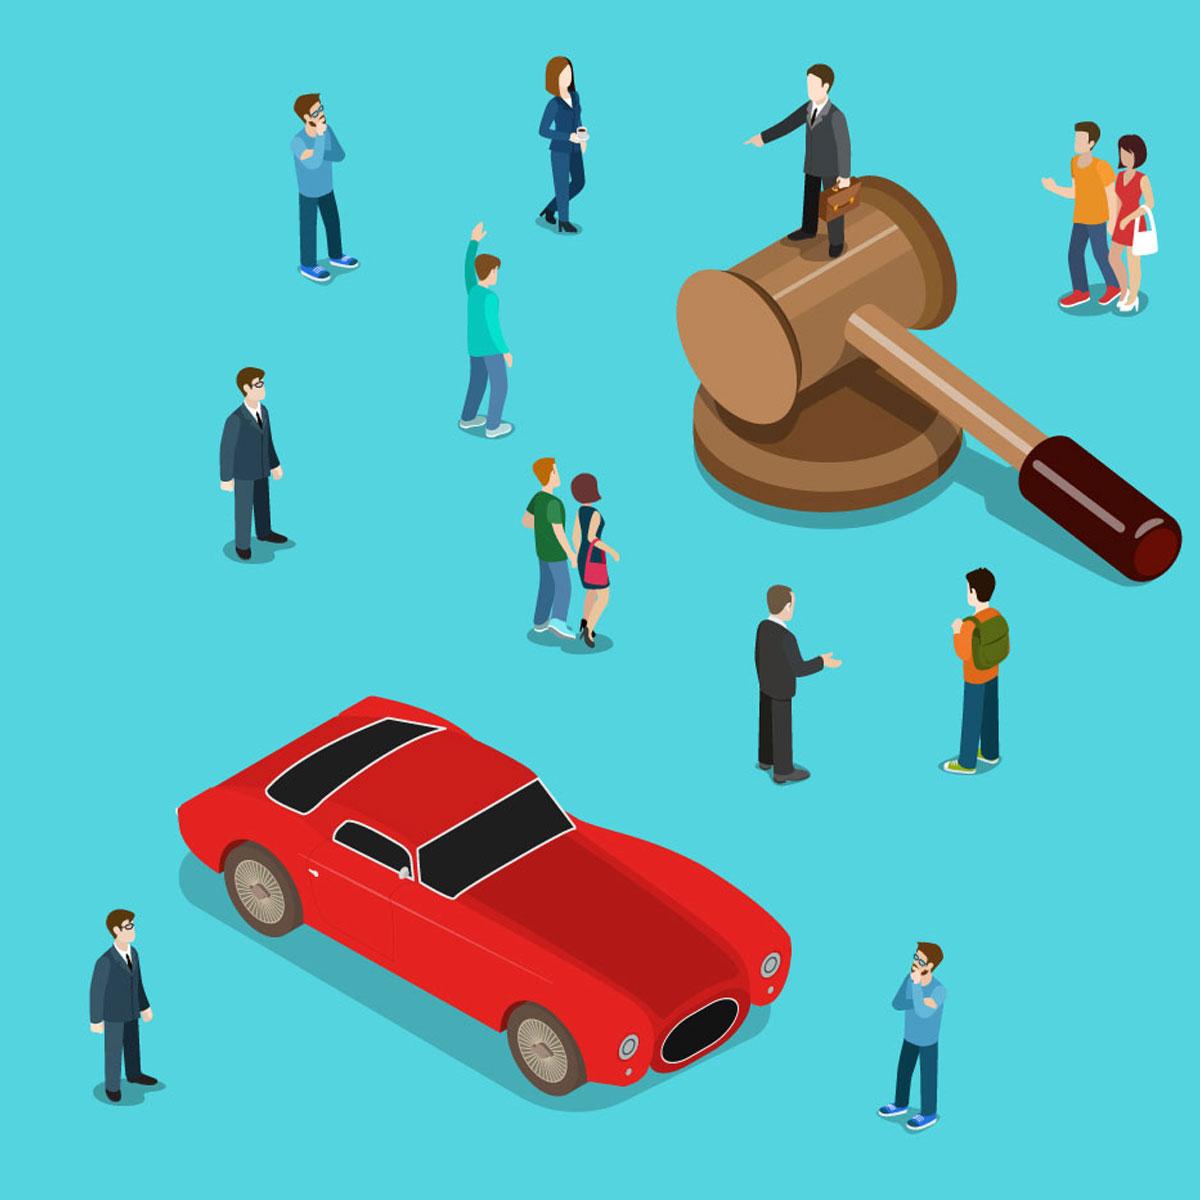 Auction clipart car auction, Auction car auction Transparent.